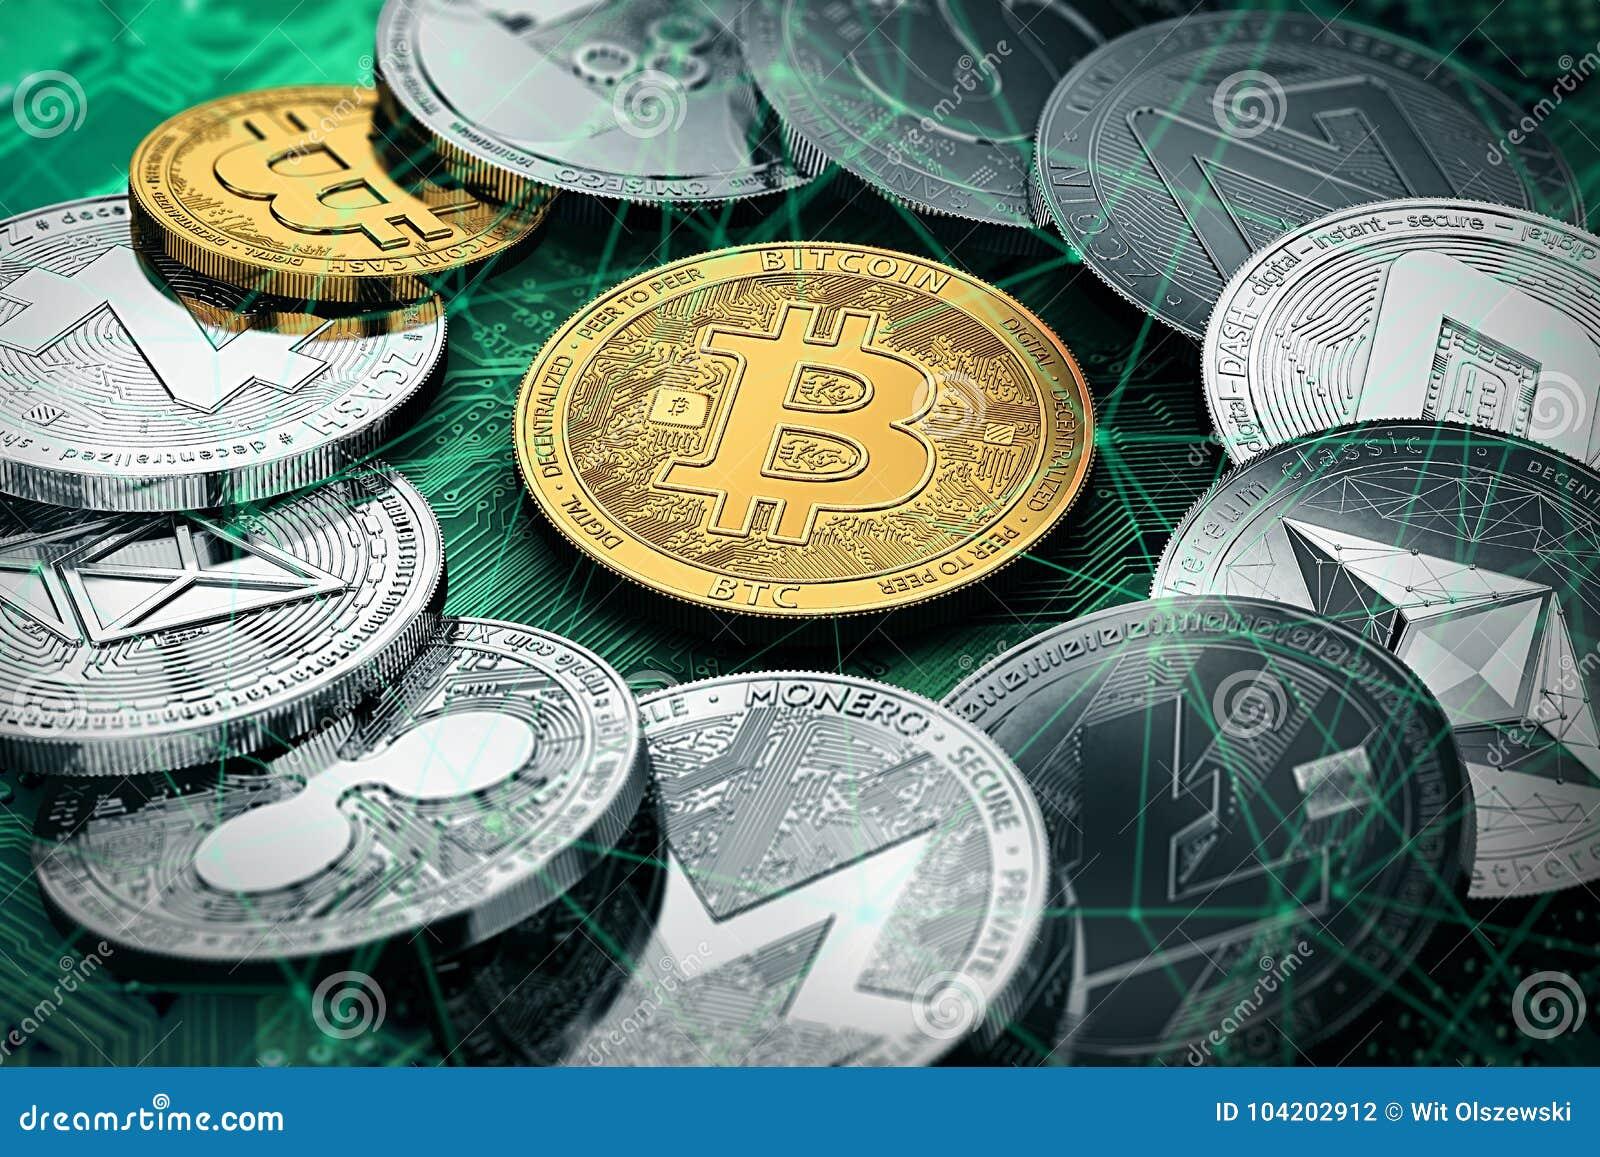 Un cercle avec un bitcoin d or à l intérieur de la pile énorme de cryptocurrencies